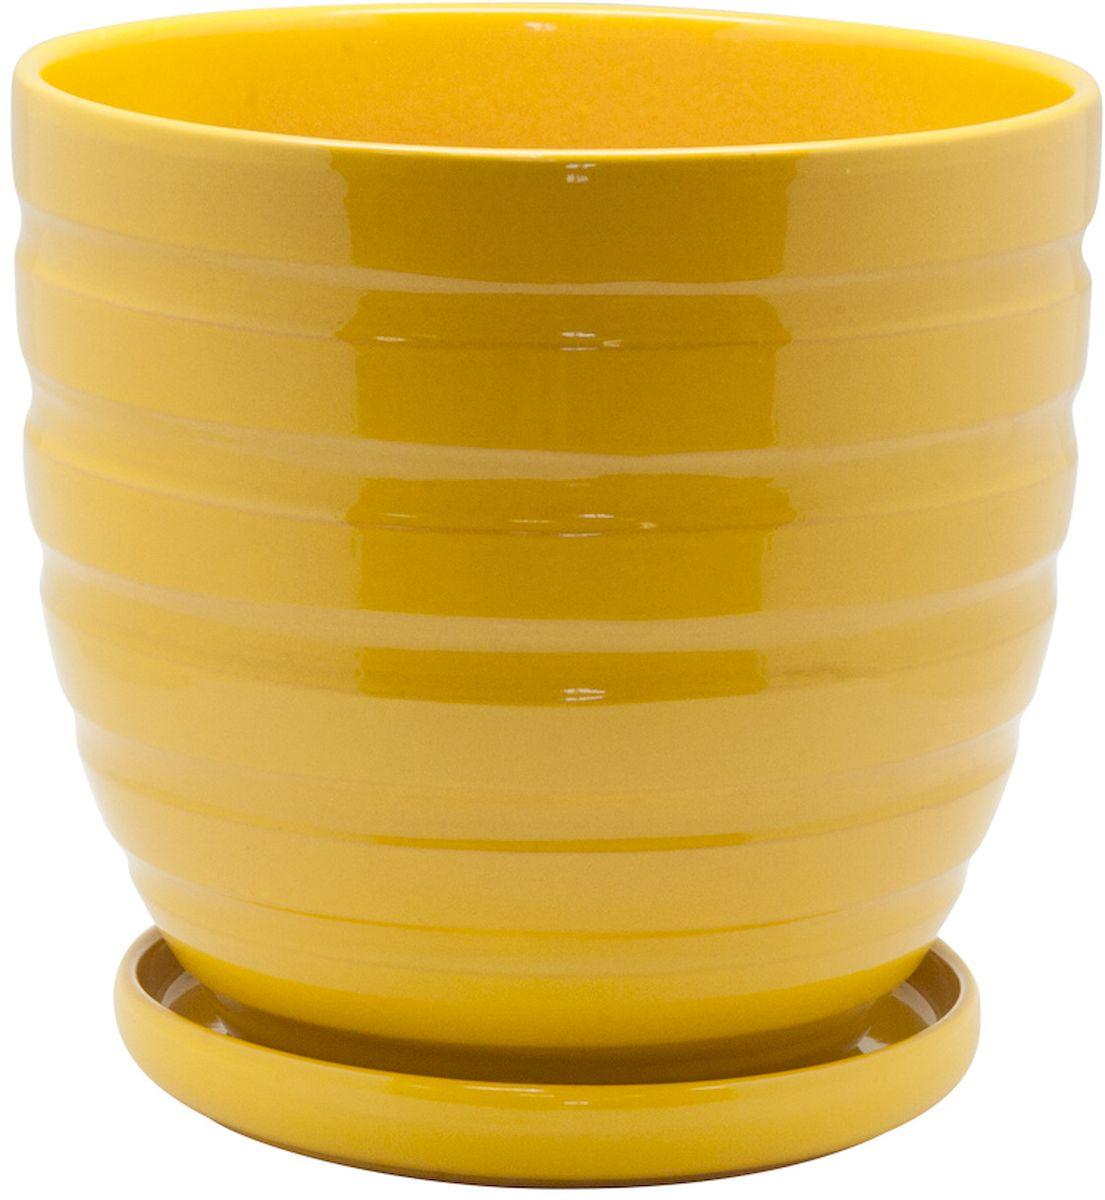 Горшок цветочный Engard, с поддоном, цвет: желтый, 4,7 л горшок керамический с поддоном листок 4 7 л желтый